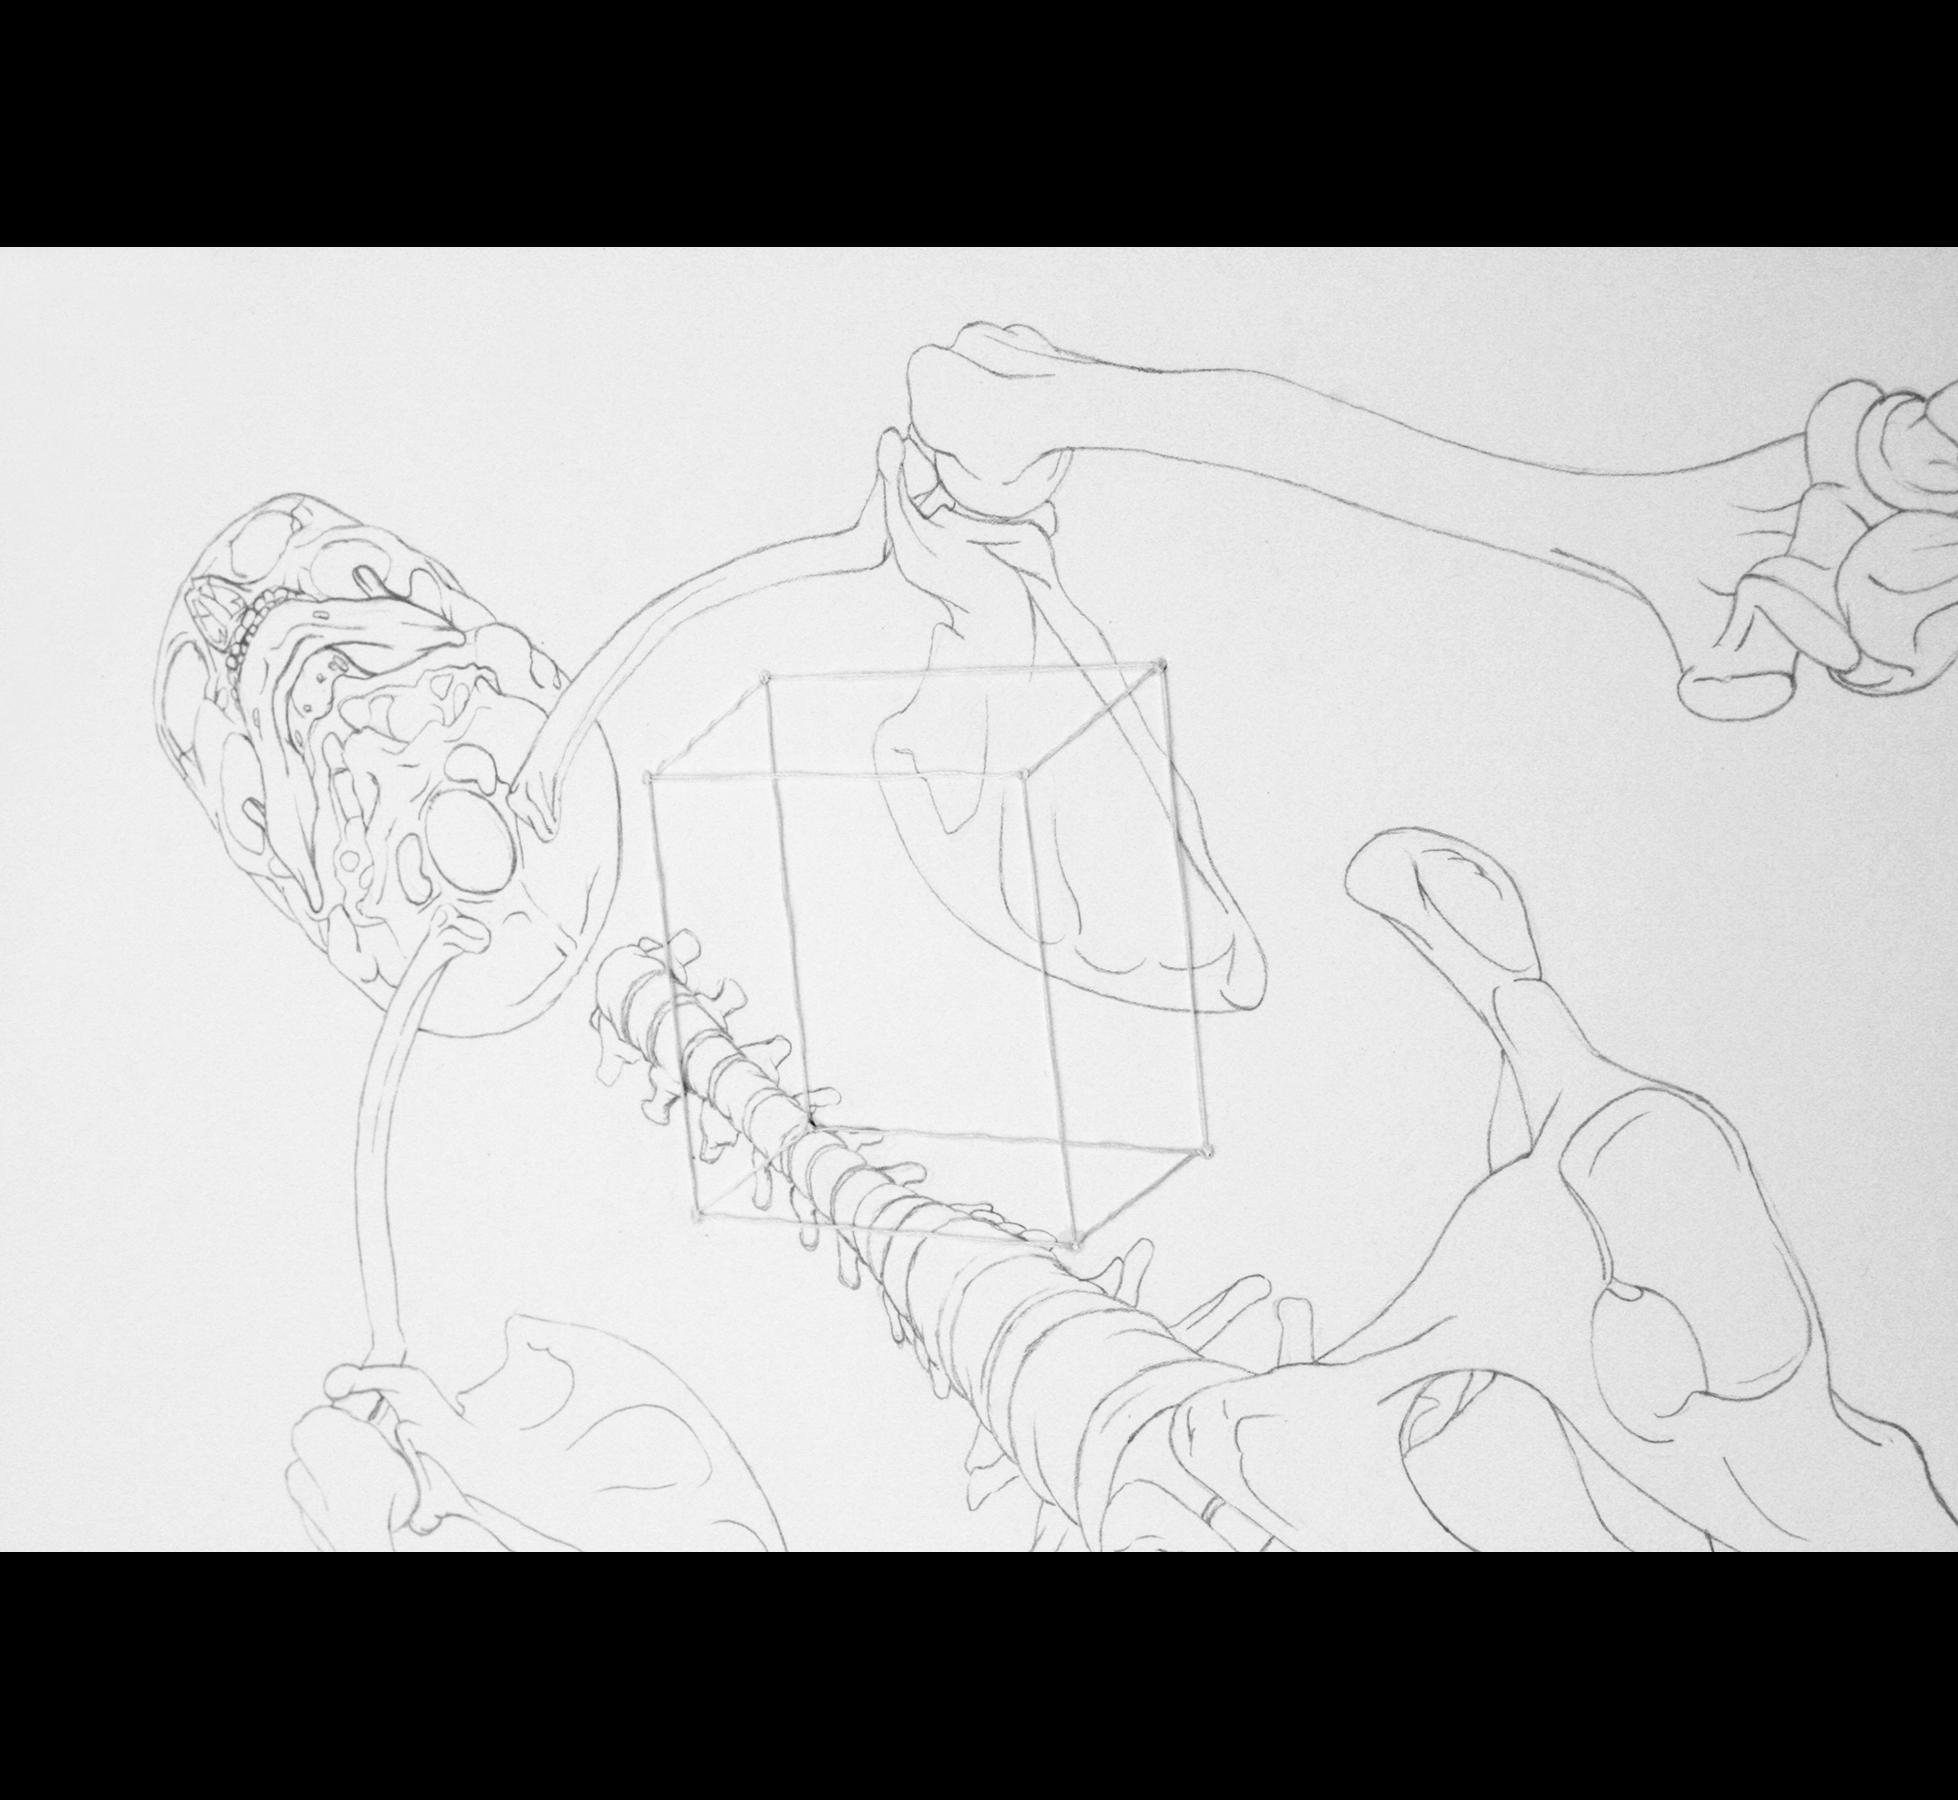 obra de arte con lapiz de grafito e hilo cosido a mano hecha por giselle vitali